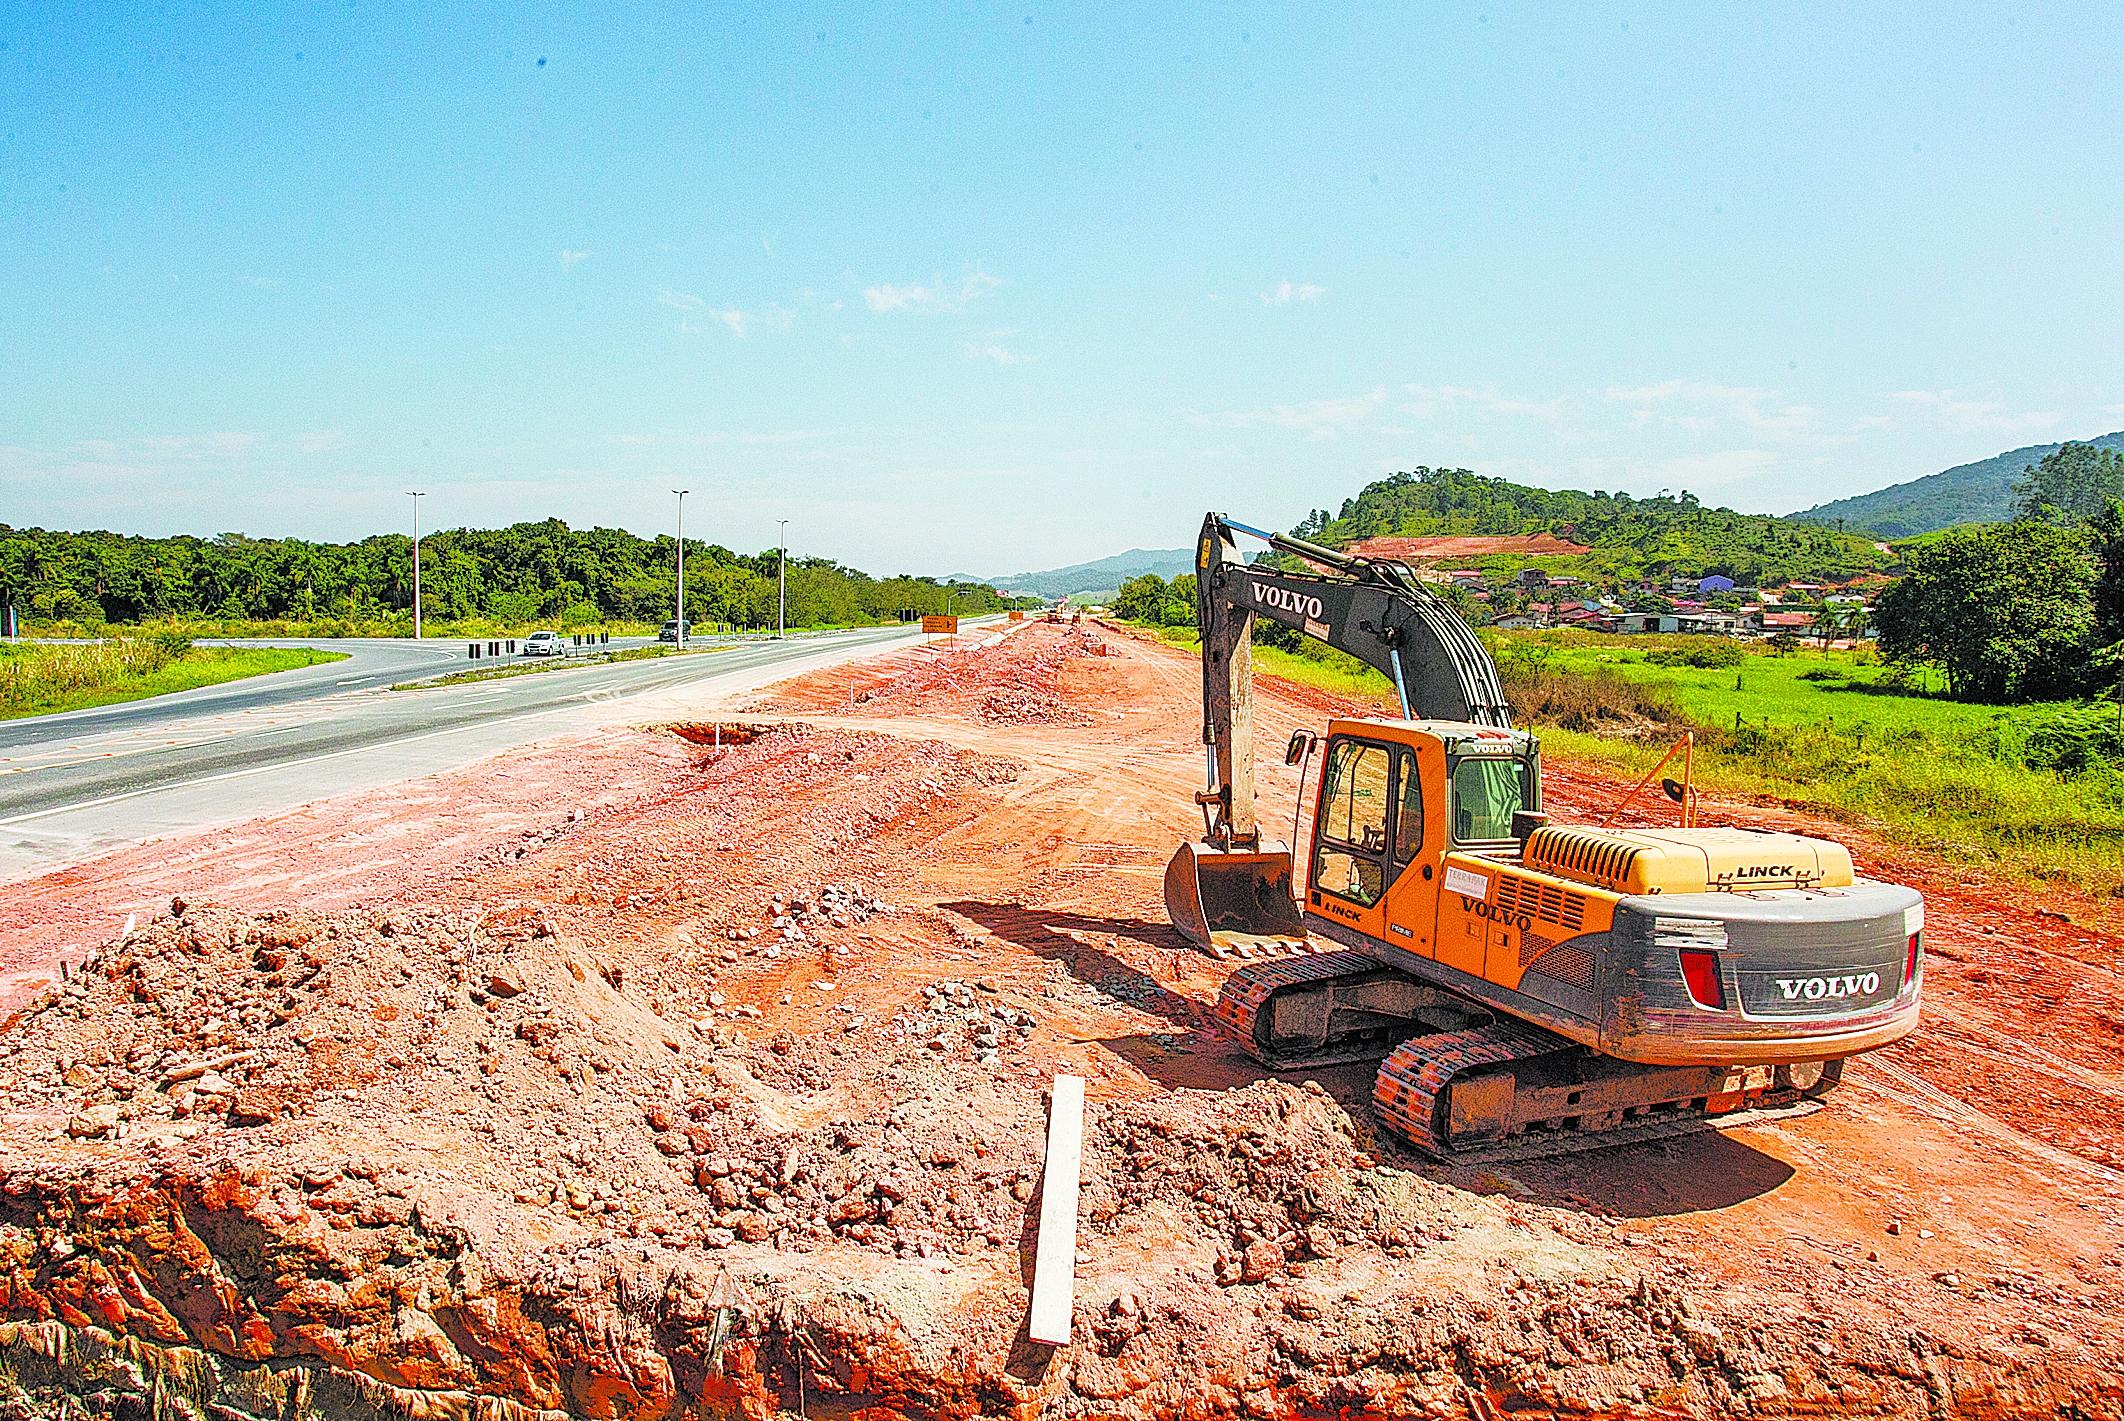 Obras na BR-470 estão em ritmo lento na altura de Ilhota, no Vale do Itajaí - Marco Santiago/ND